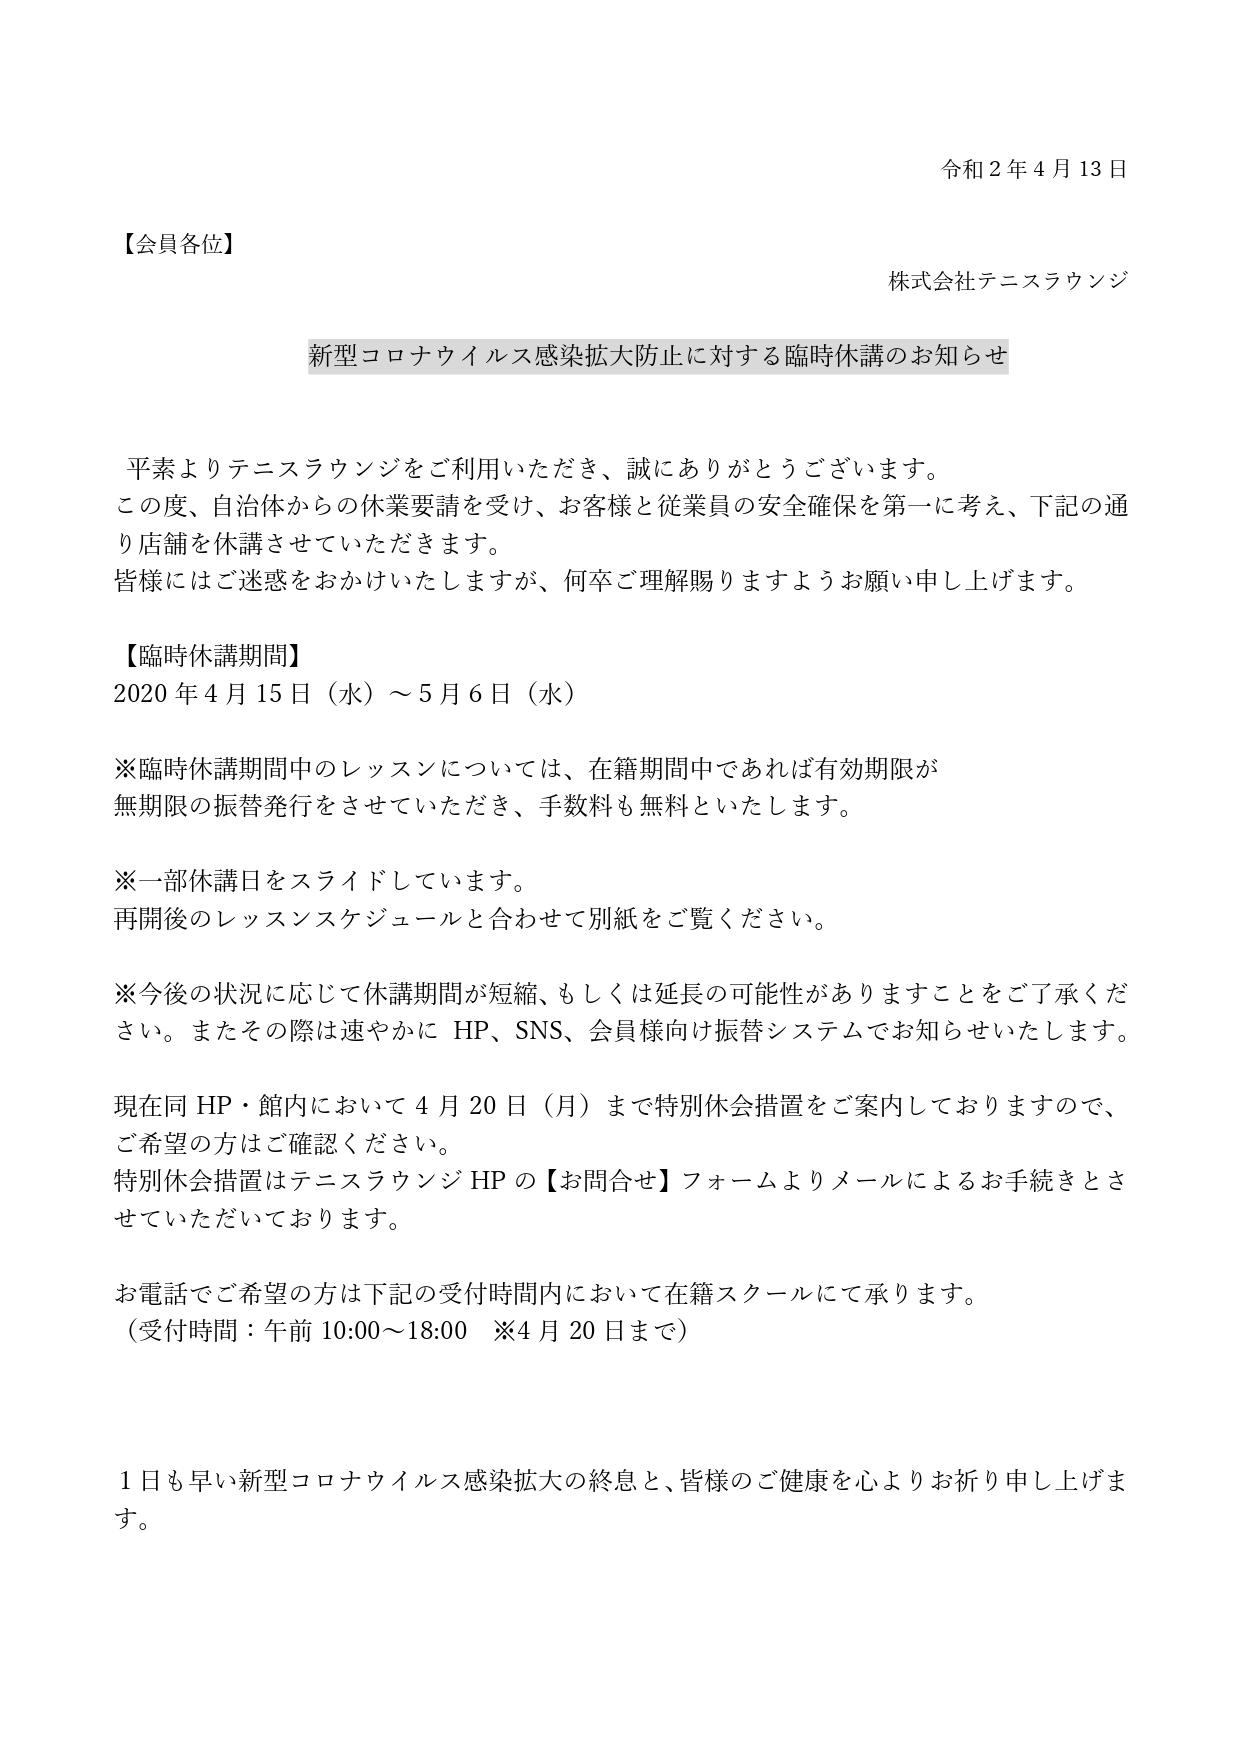 【兵庫県】新型コロナウイルス感染拡大防止に対する臨時休講のお知らせ